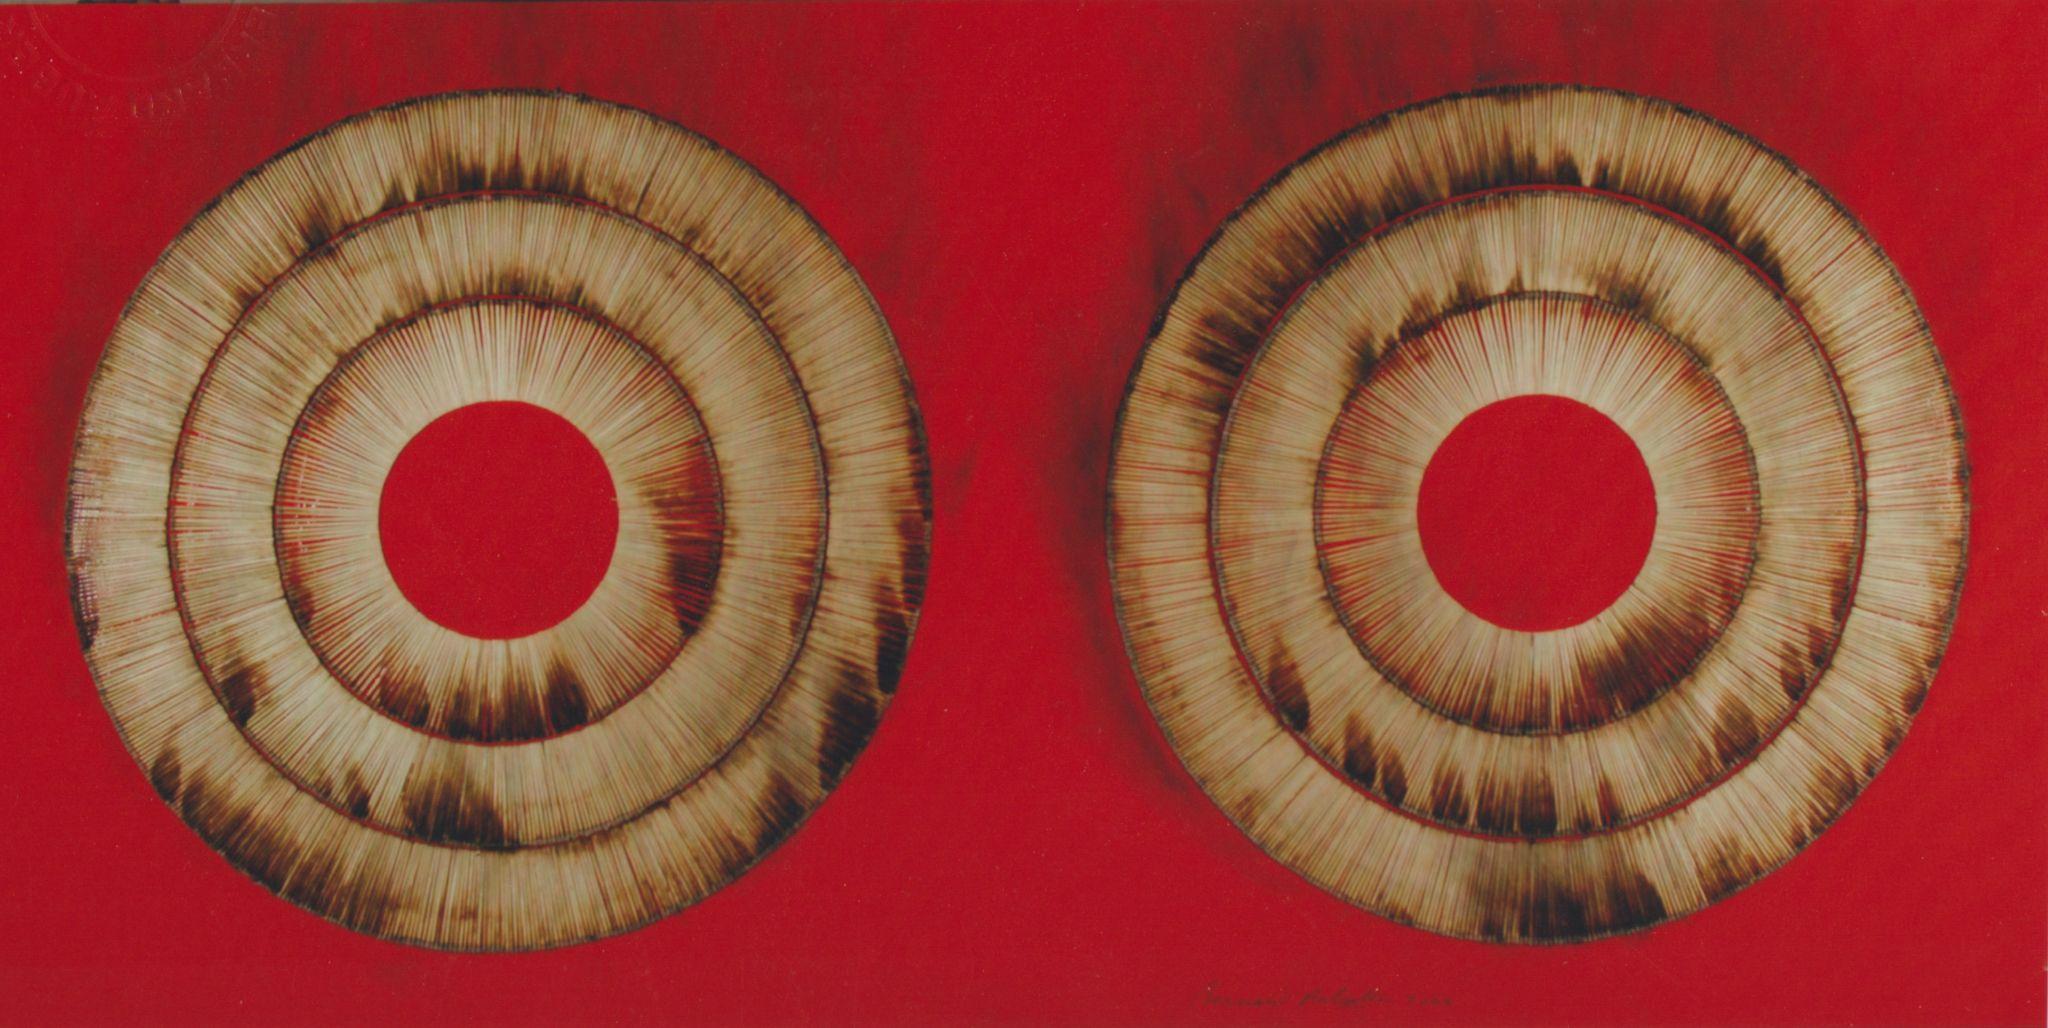 Bernard Aubertin Dessin De Feu Art Collection Online For Sale